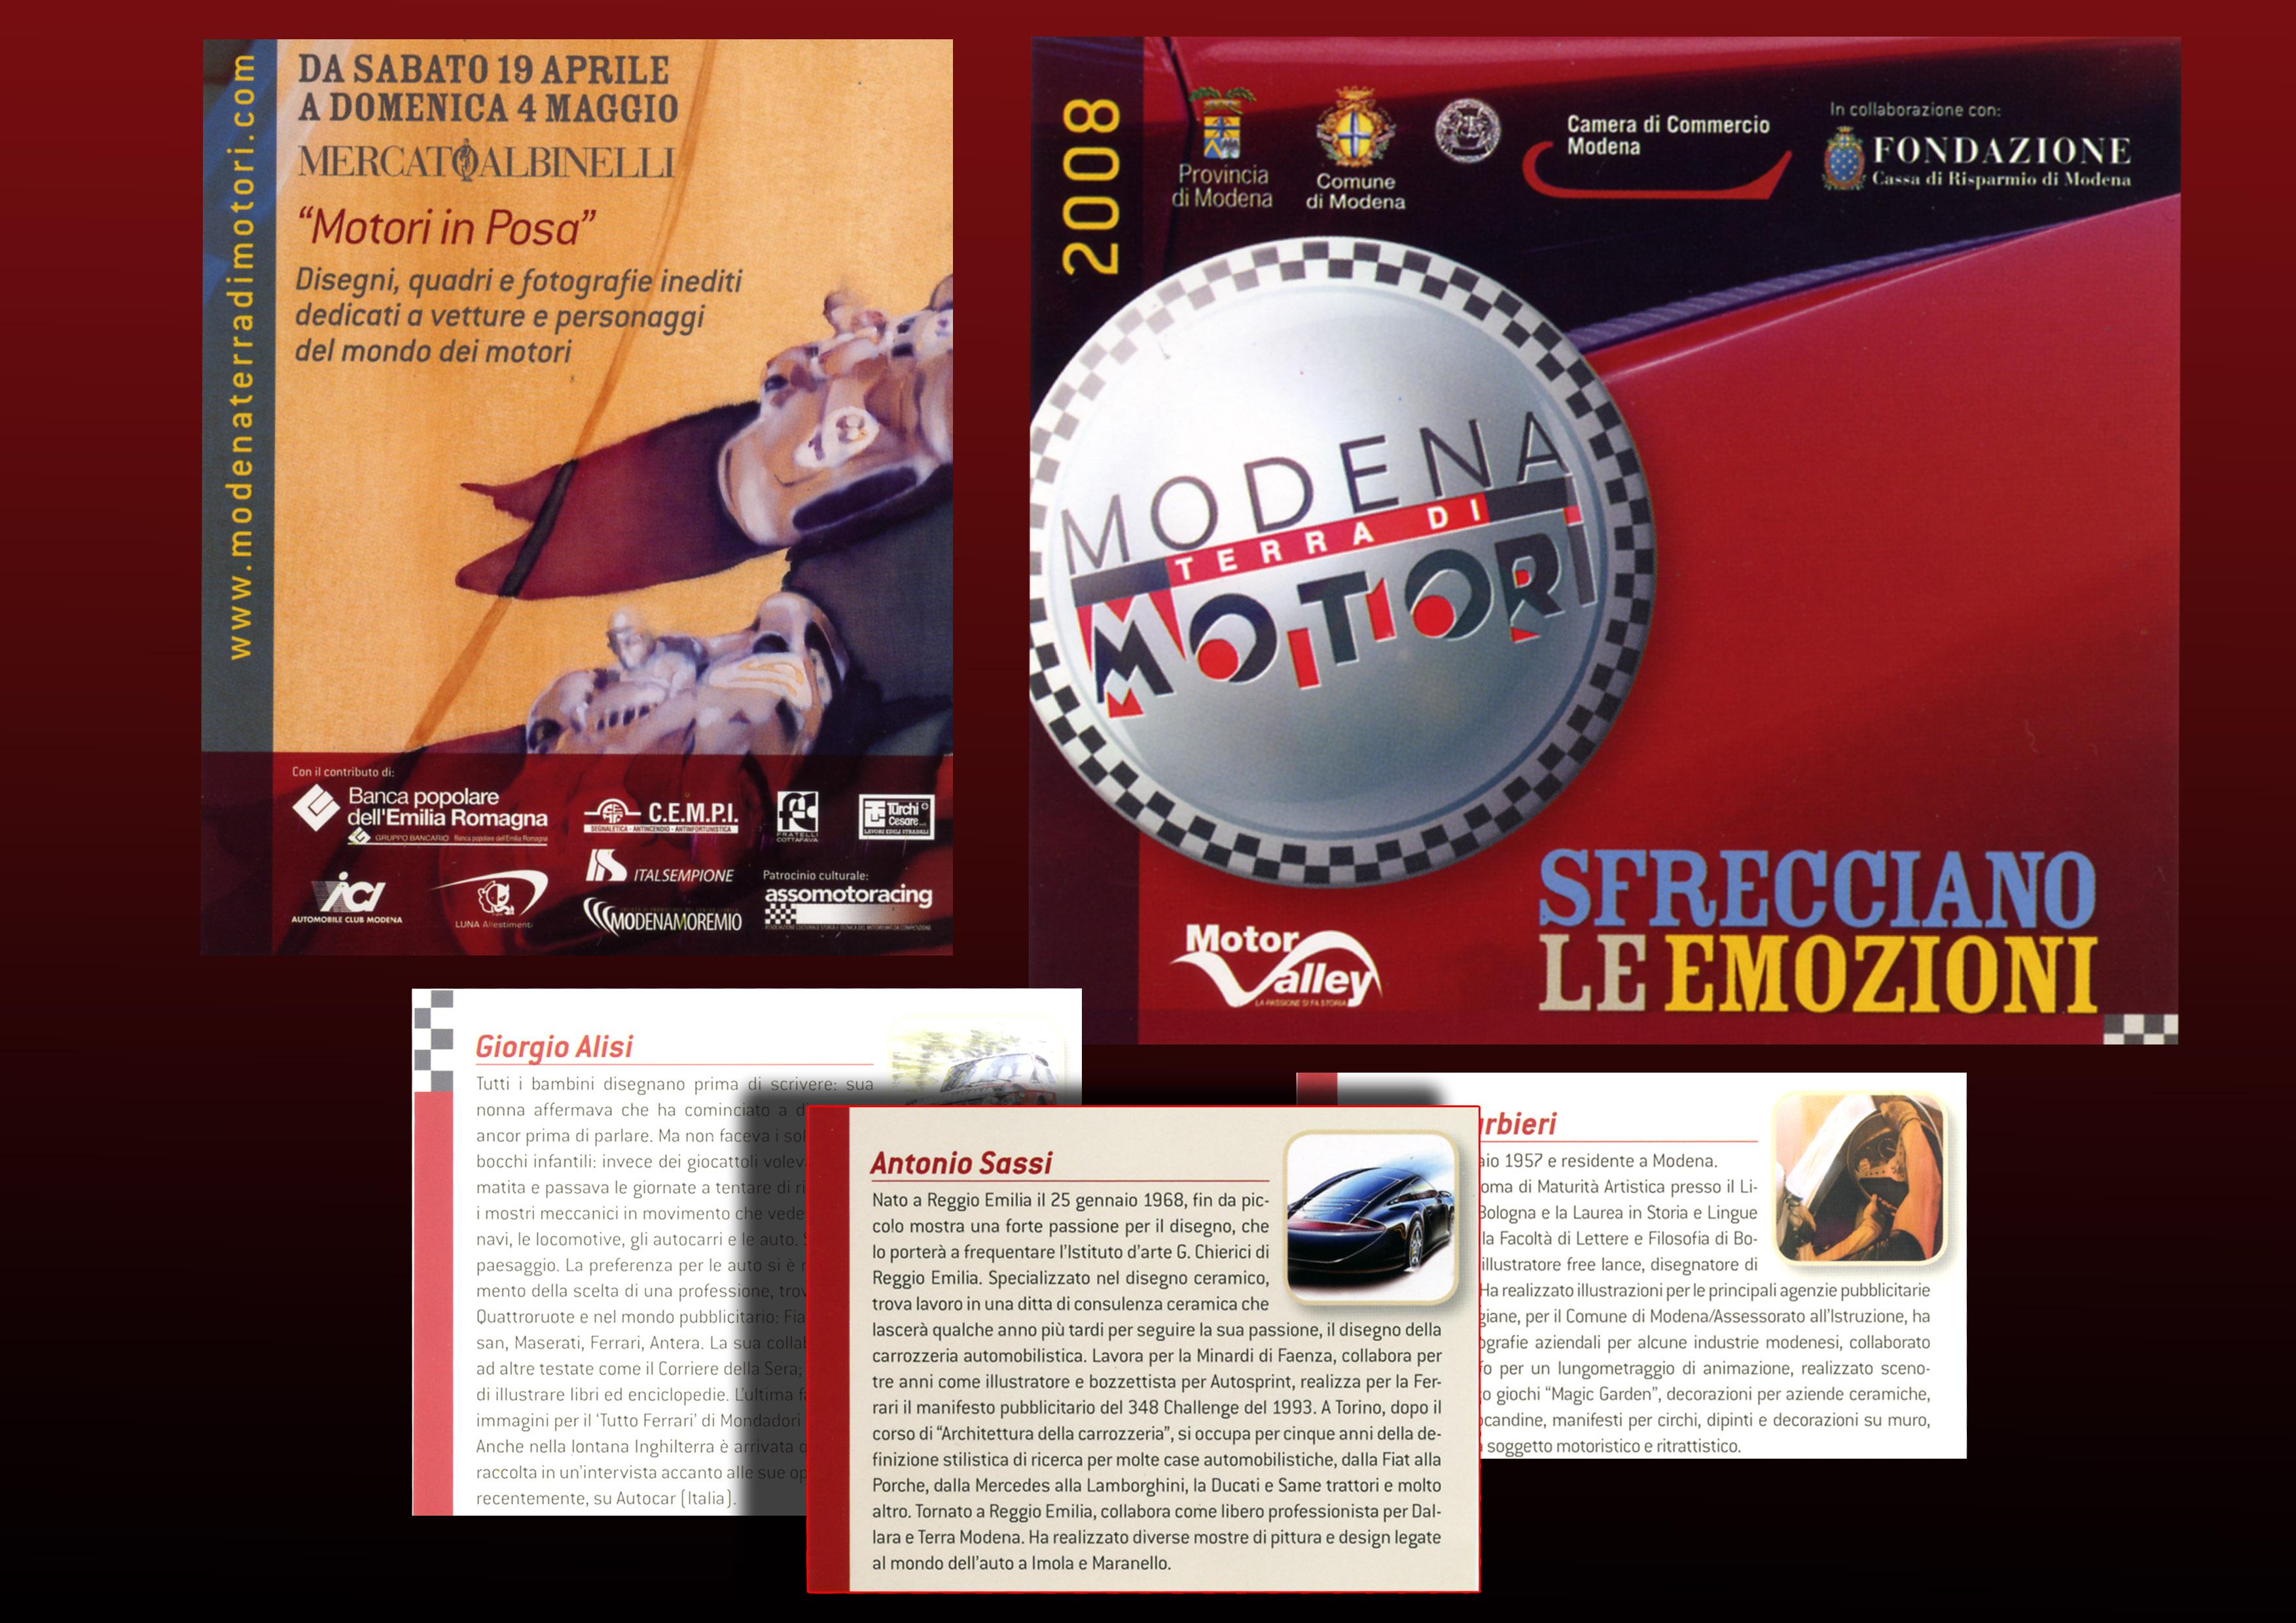 SFRECCIANO-LE-EMOZIONI.jpg